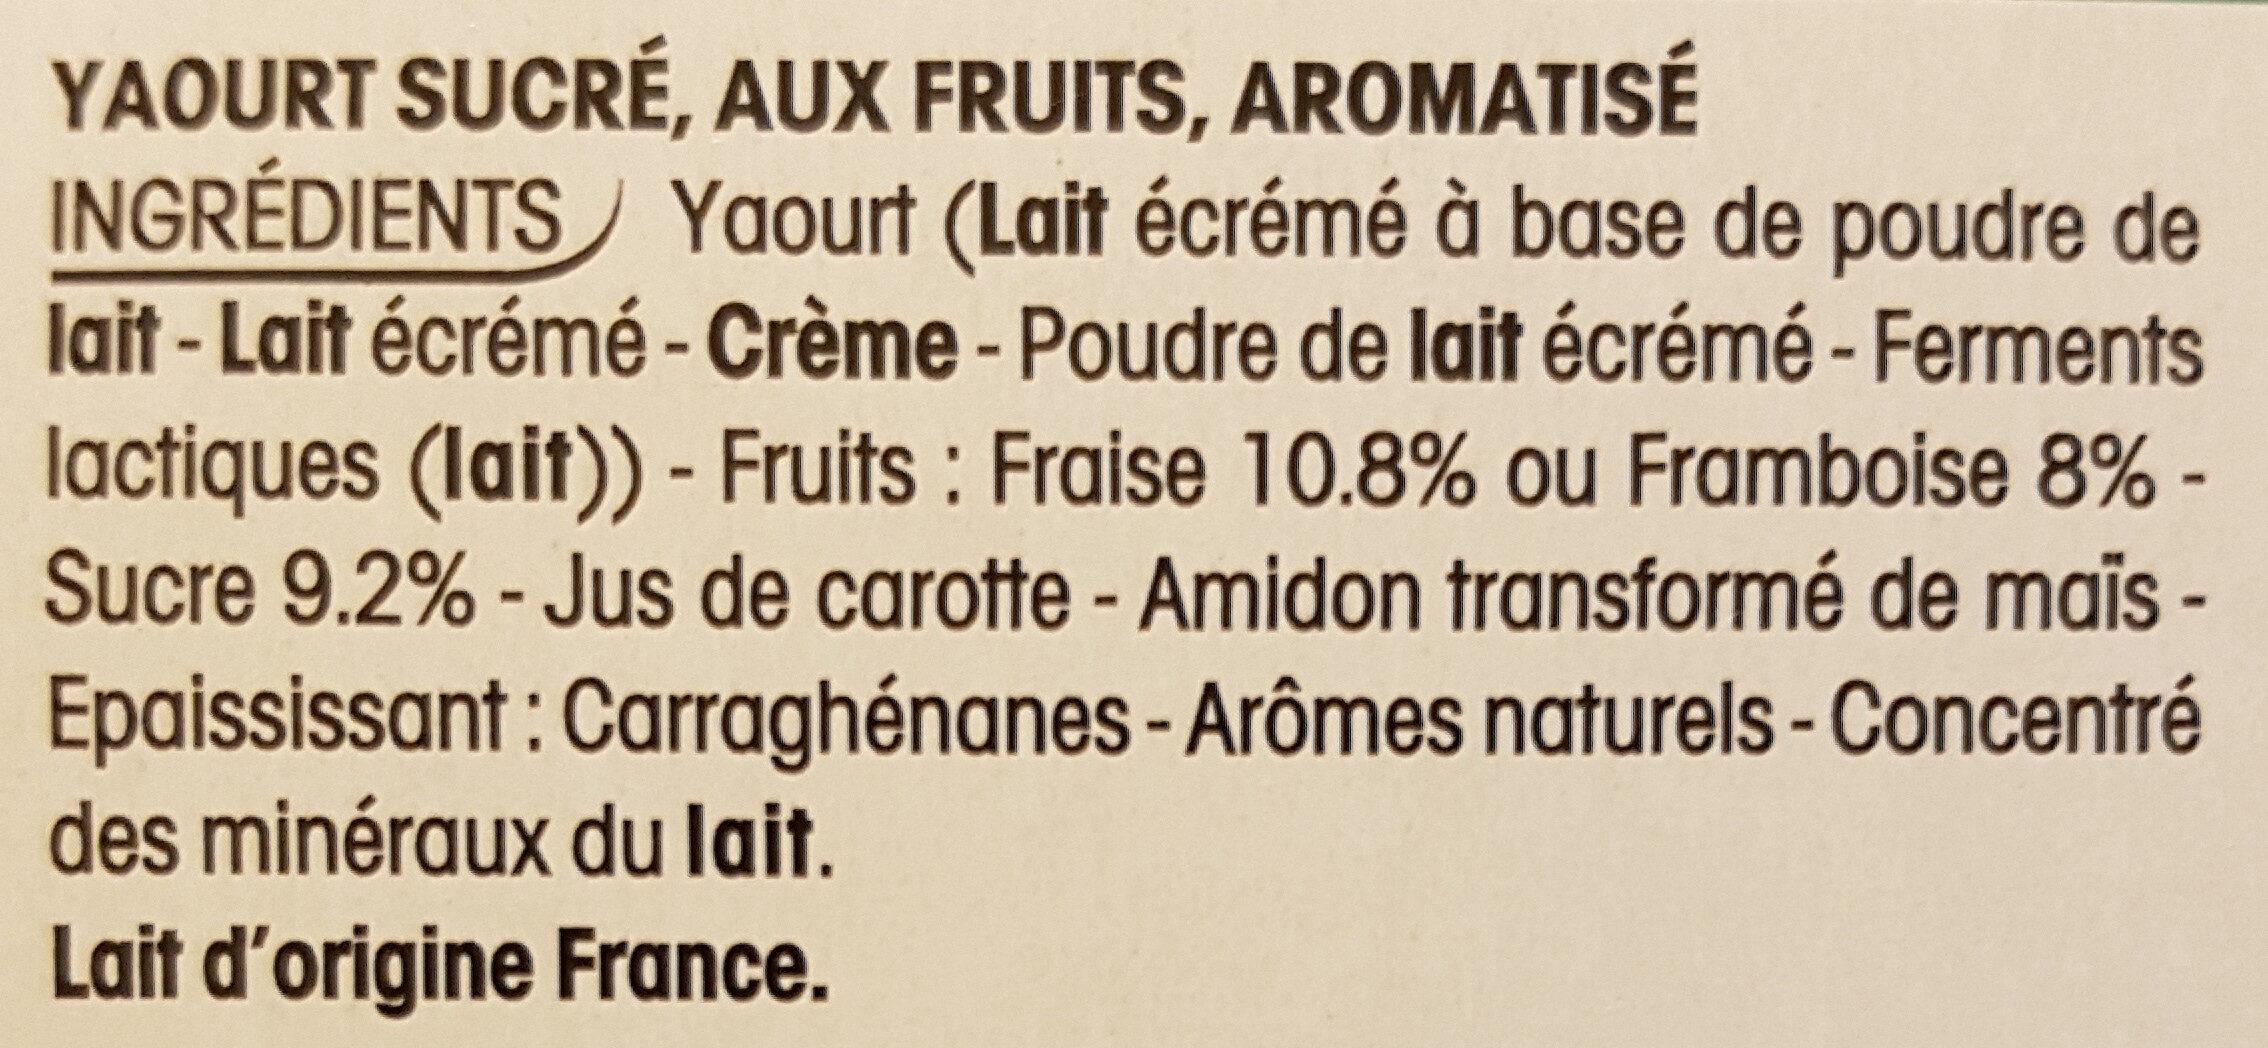 Panier de Yoplait Fraise et Framboise - Ingrédients